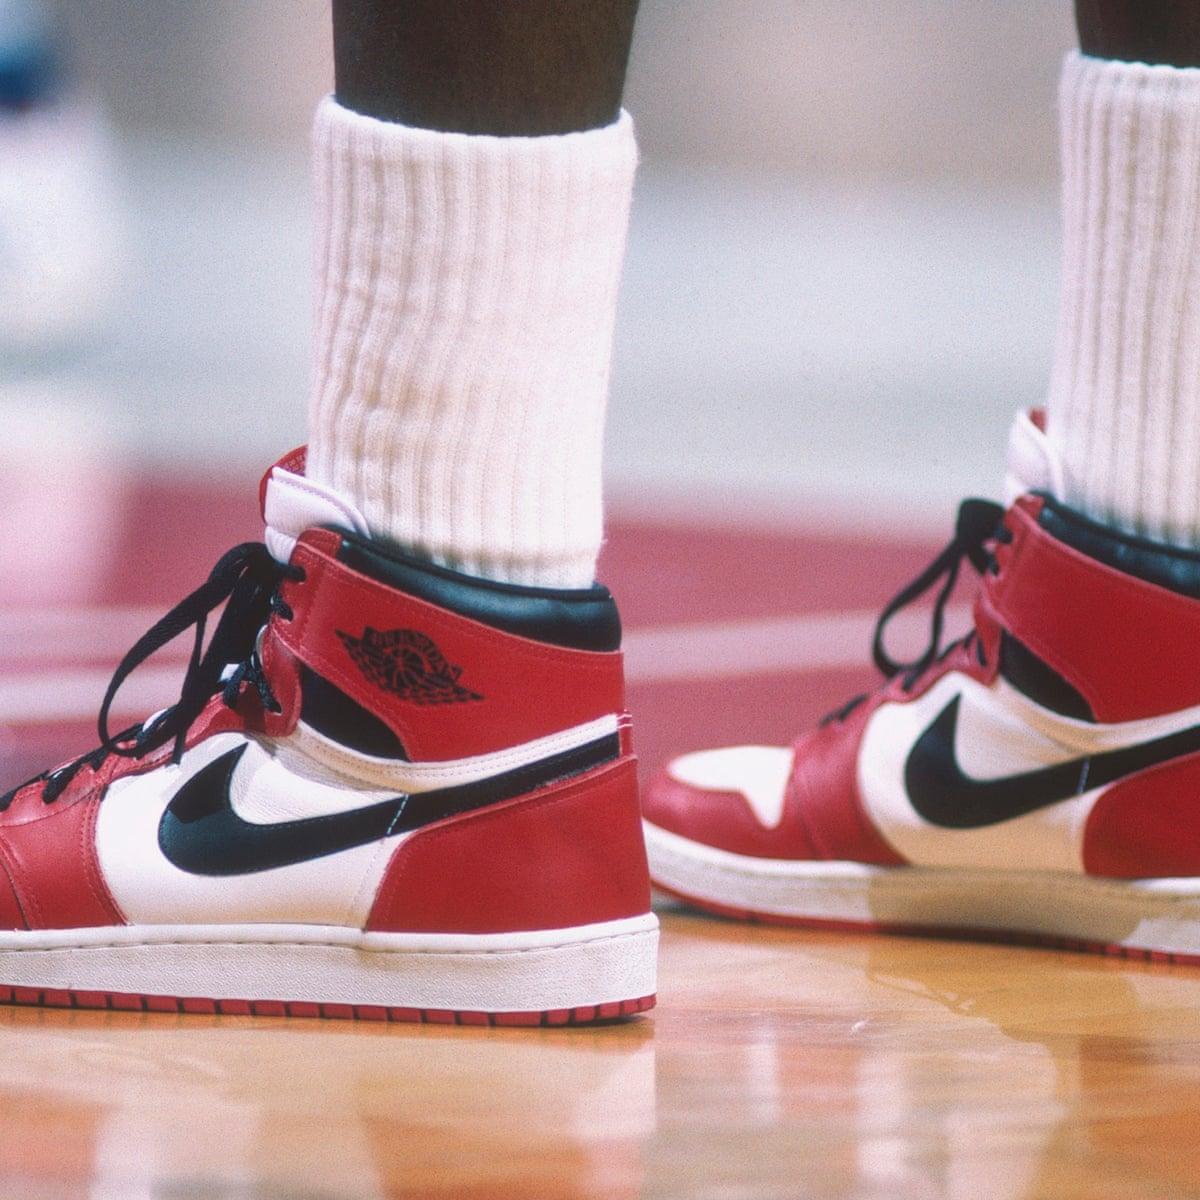 Renacimiento SIDA ventaja  Michael Jordan's first-ever Air Jordan sneakers sell for $560,000 at  auction | Michael Jordan | The Guardian